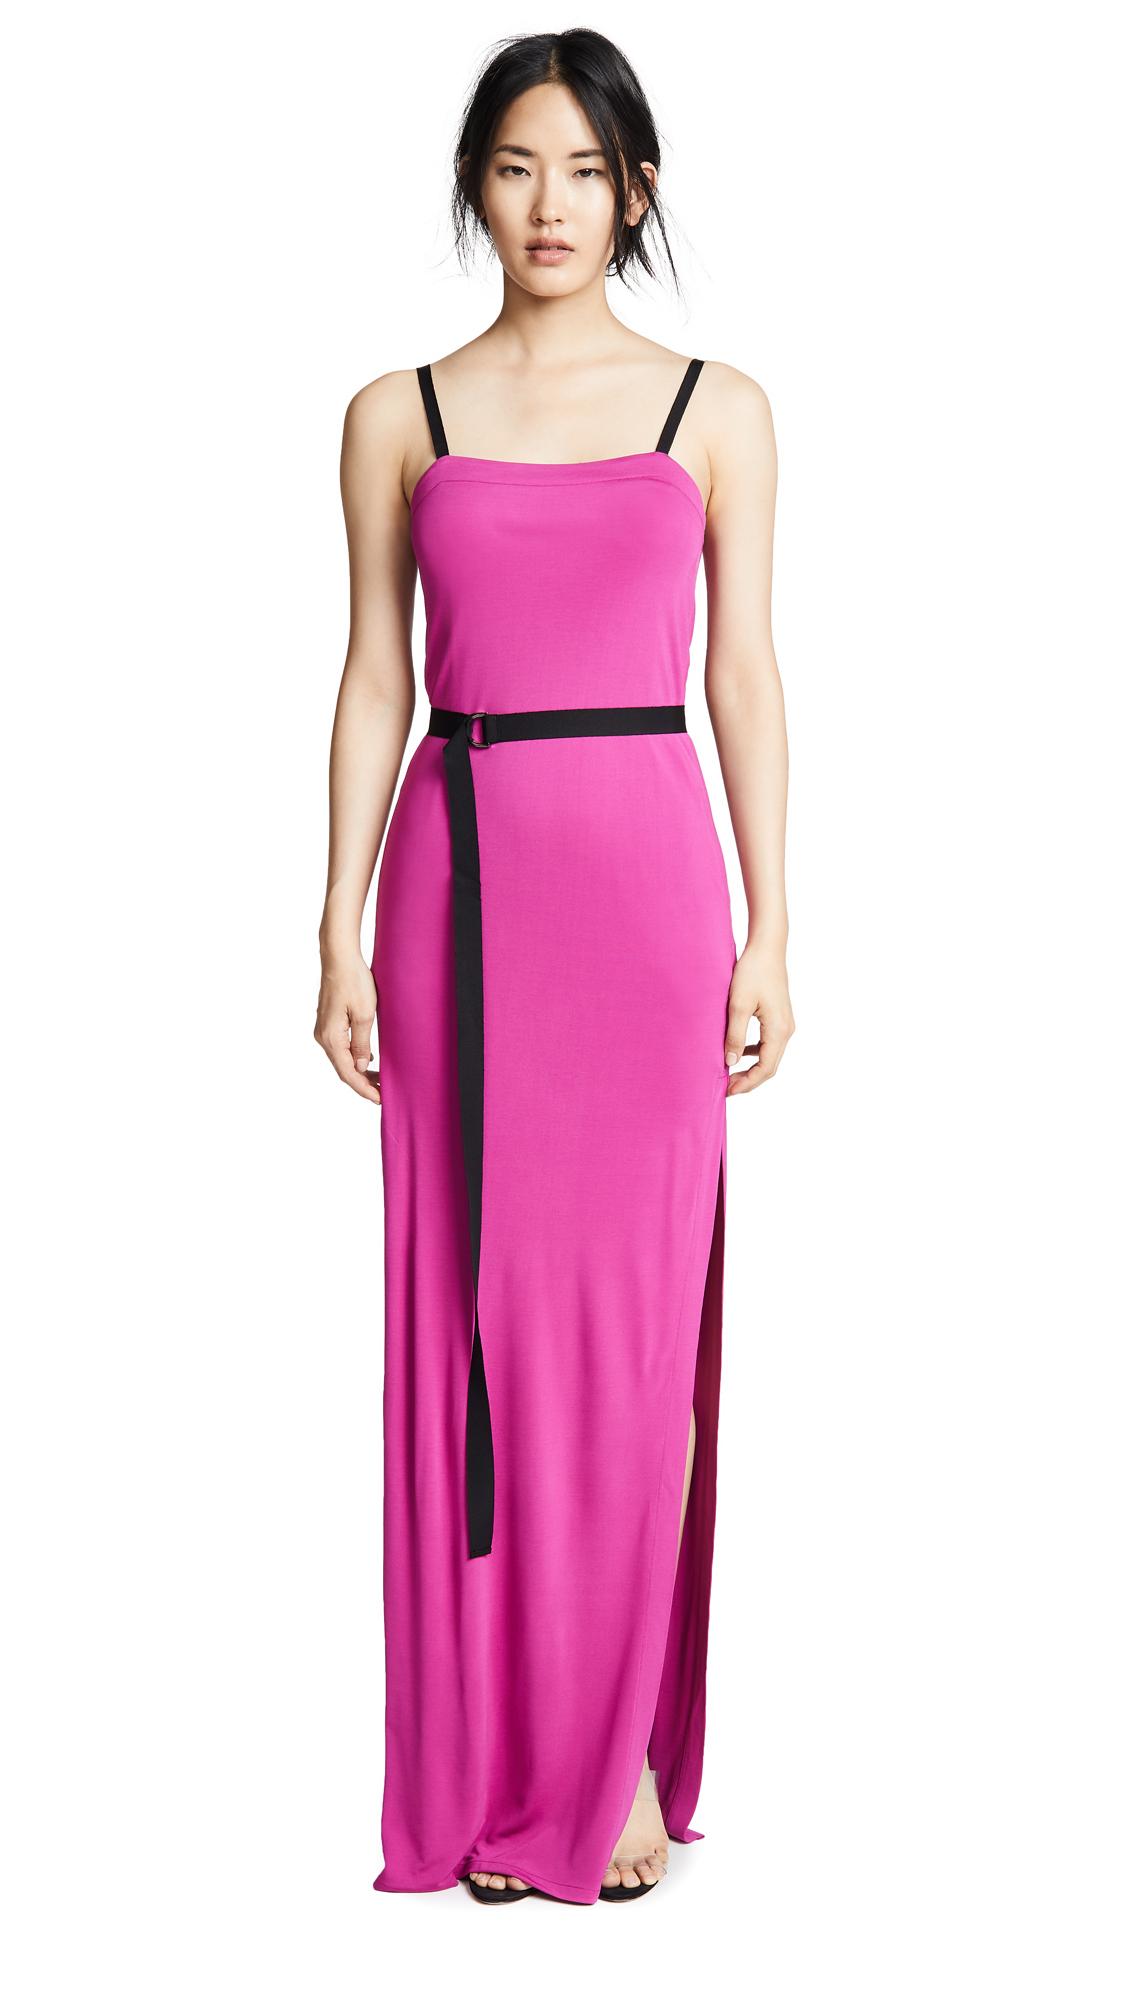 Yigal Azrouel Cinched Waist Dress - Hot Pink